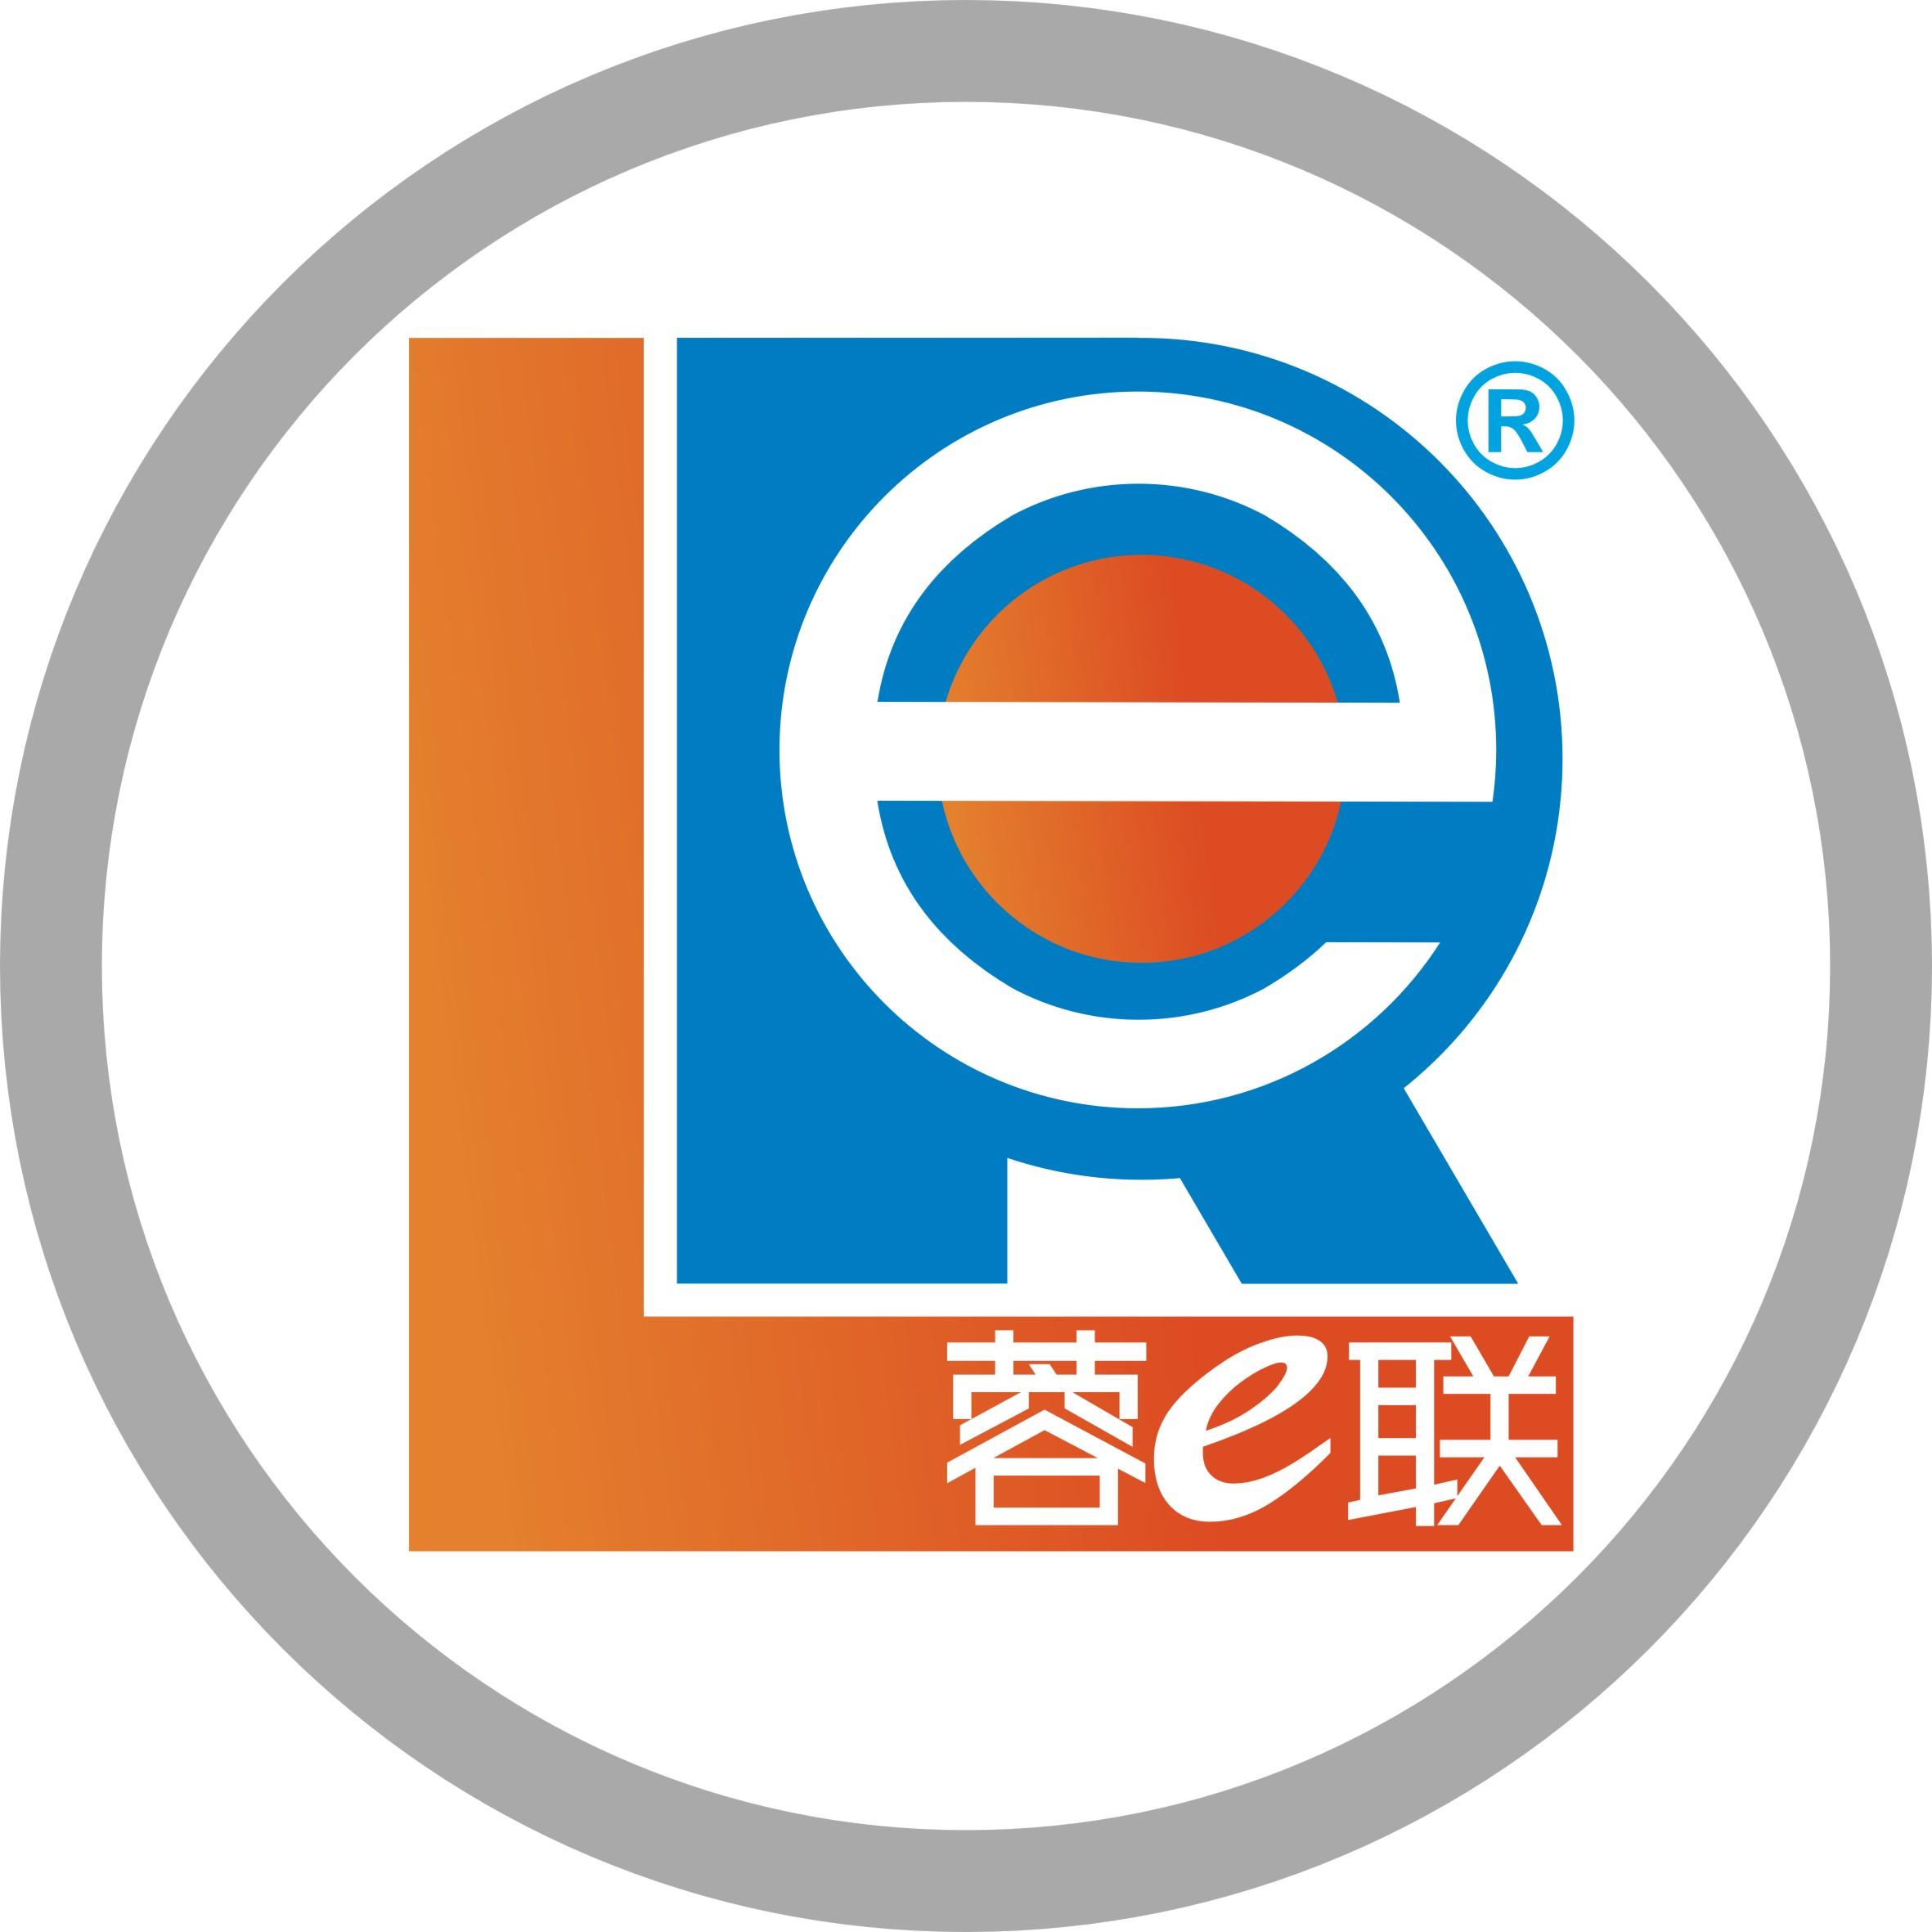 2019蓉e联-完整-LOGO.jpg